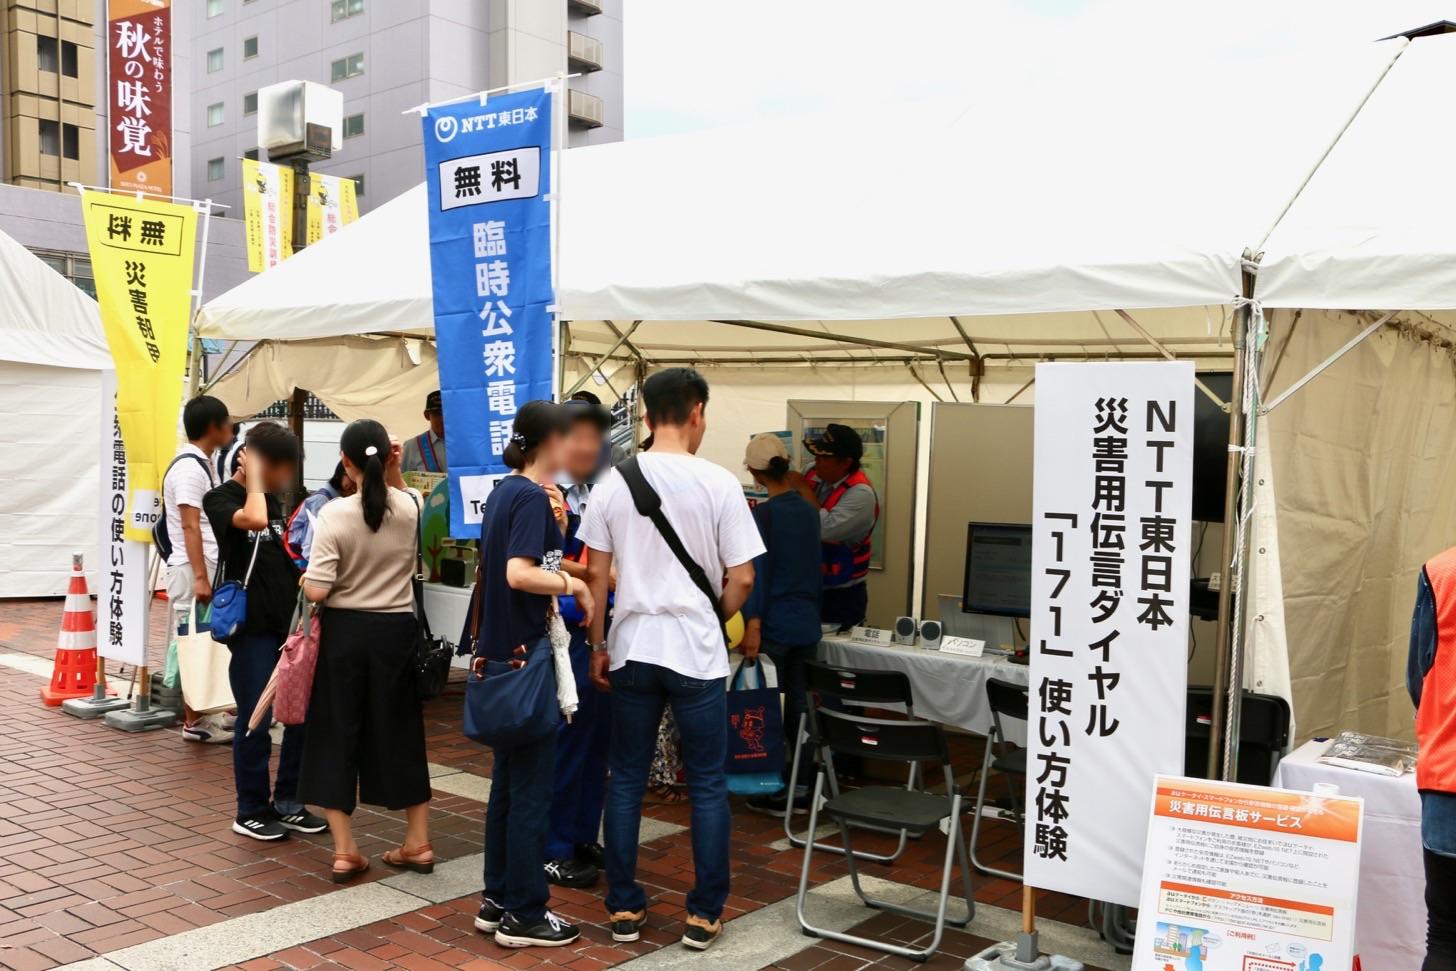 NTT東日本 災害伝言ダイヤル「171」使い方体験